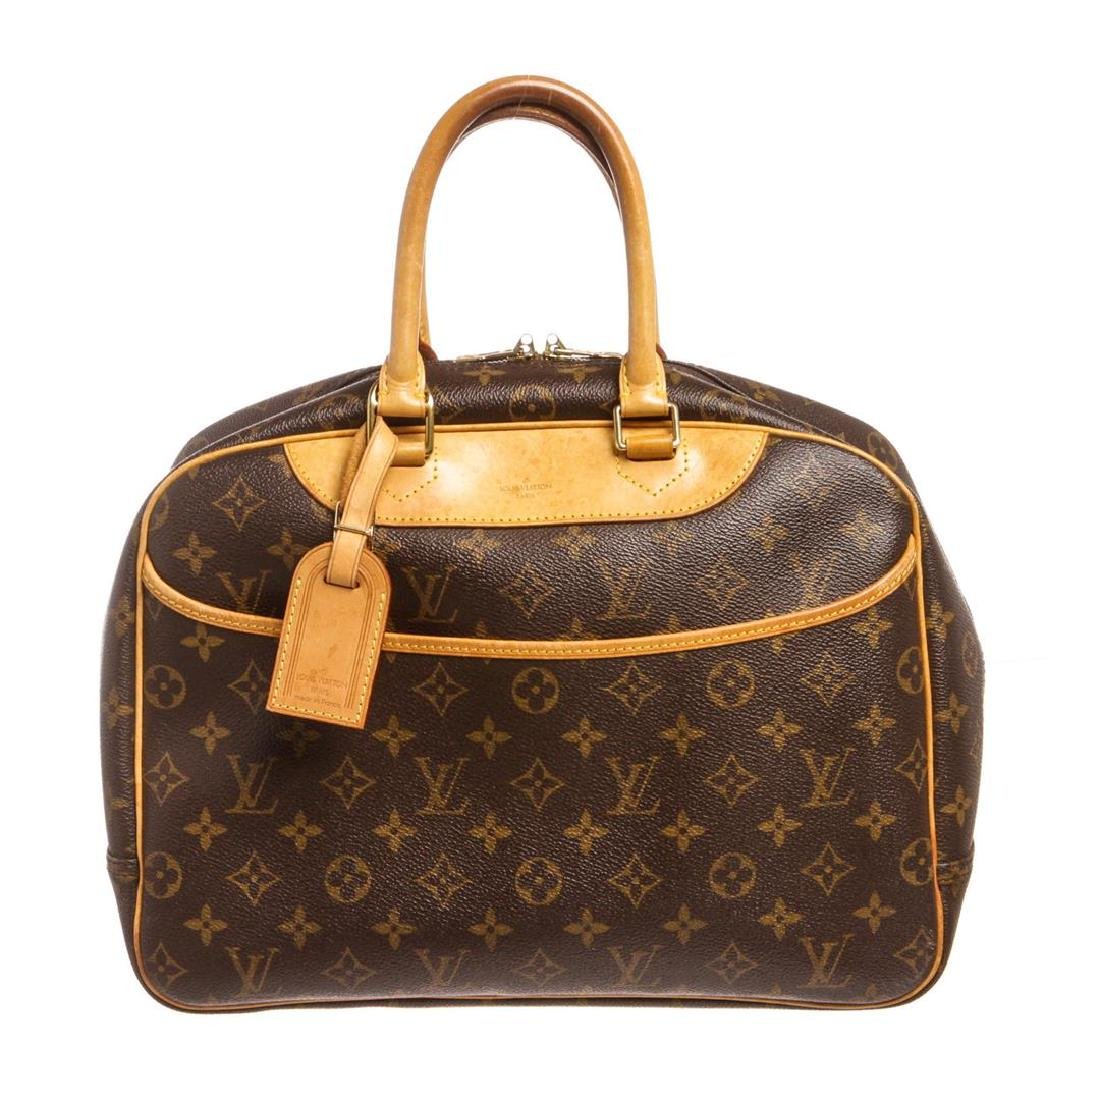 Louis Vuitton Monogram Canvas Leather Deauville Doctor